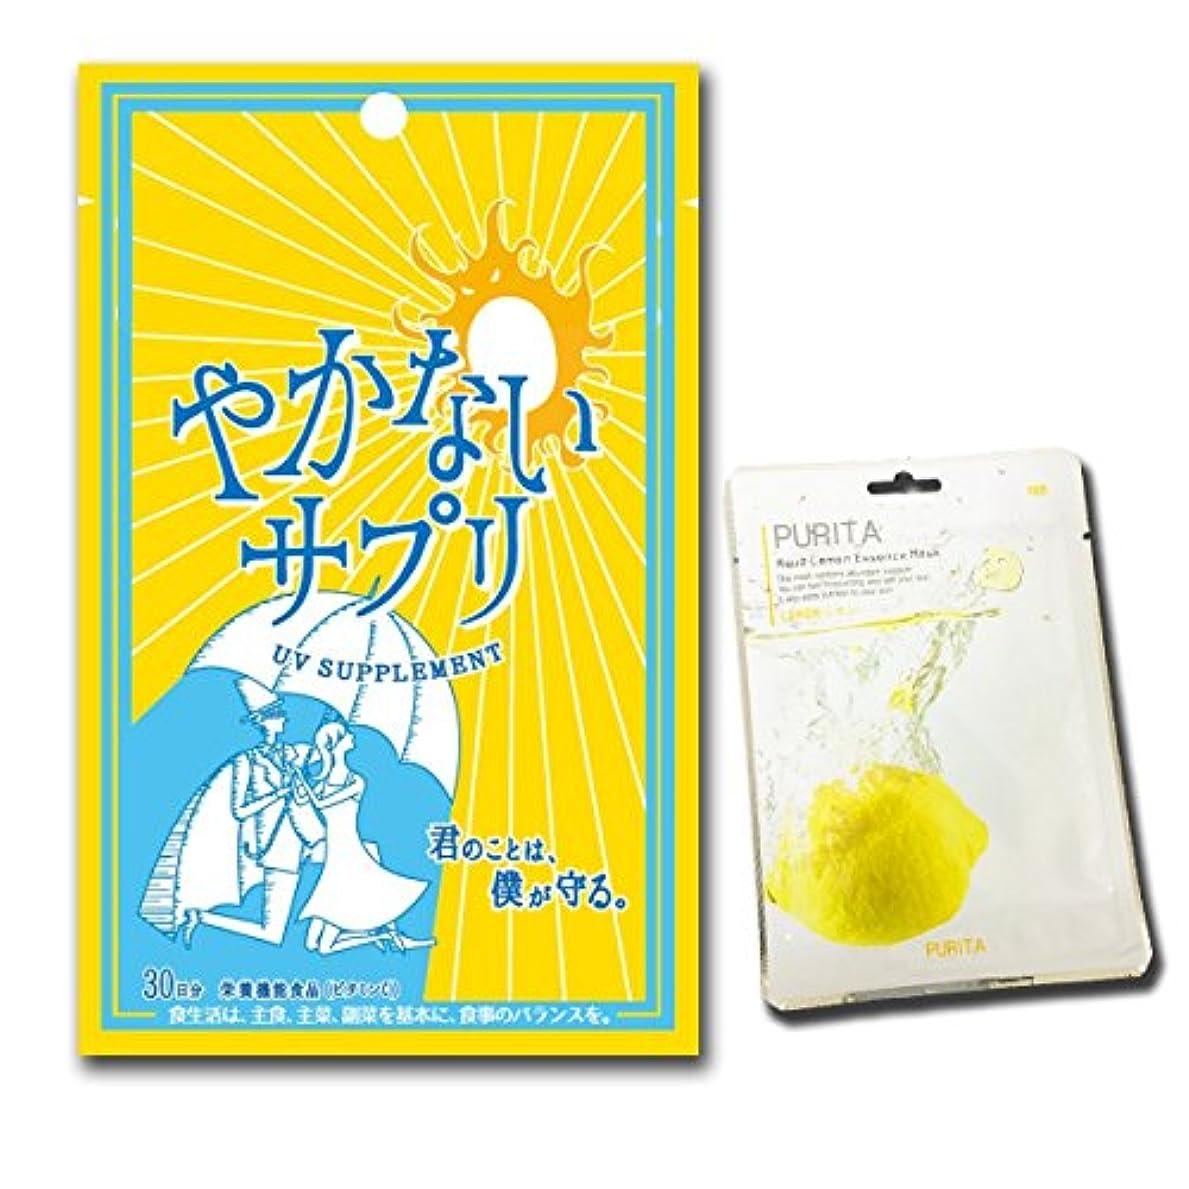 余裕がある銛モード飲む日焼け止め やかないサプリ 日本製 (30粒/30日分) PURITAフェイスマスク1枚付